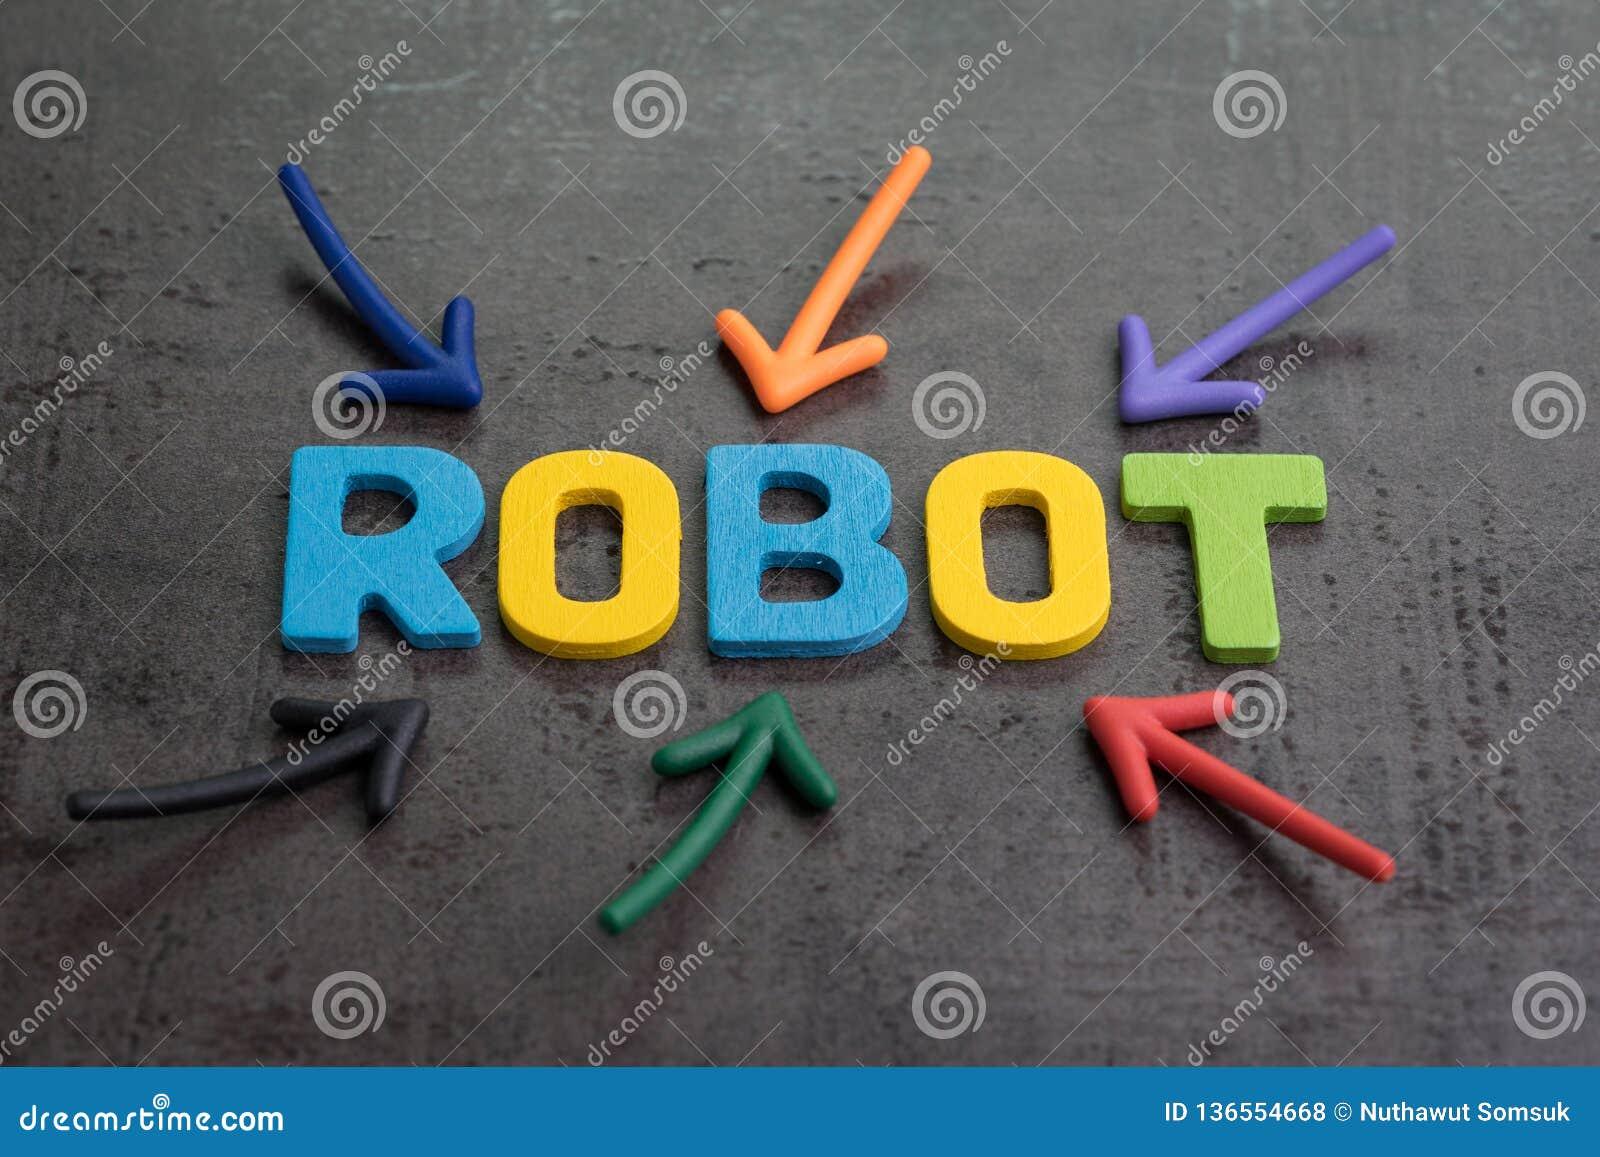 Roboter oder Konzept der künstlichen Intelligenz, mehrfacher Pfeil, der auf die bunten Alphabete aufbauen das Wort ROBOTER auf sc